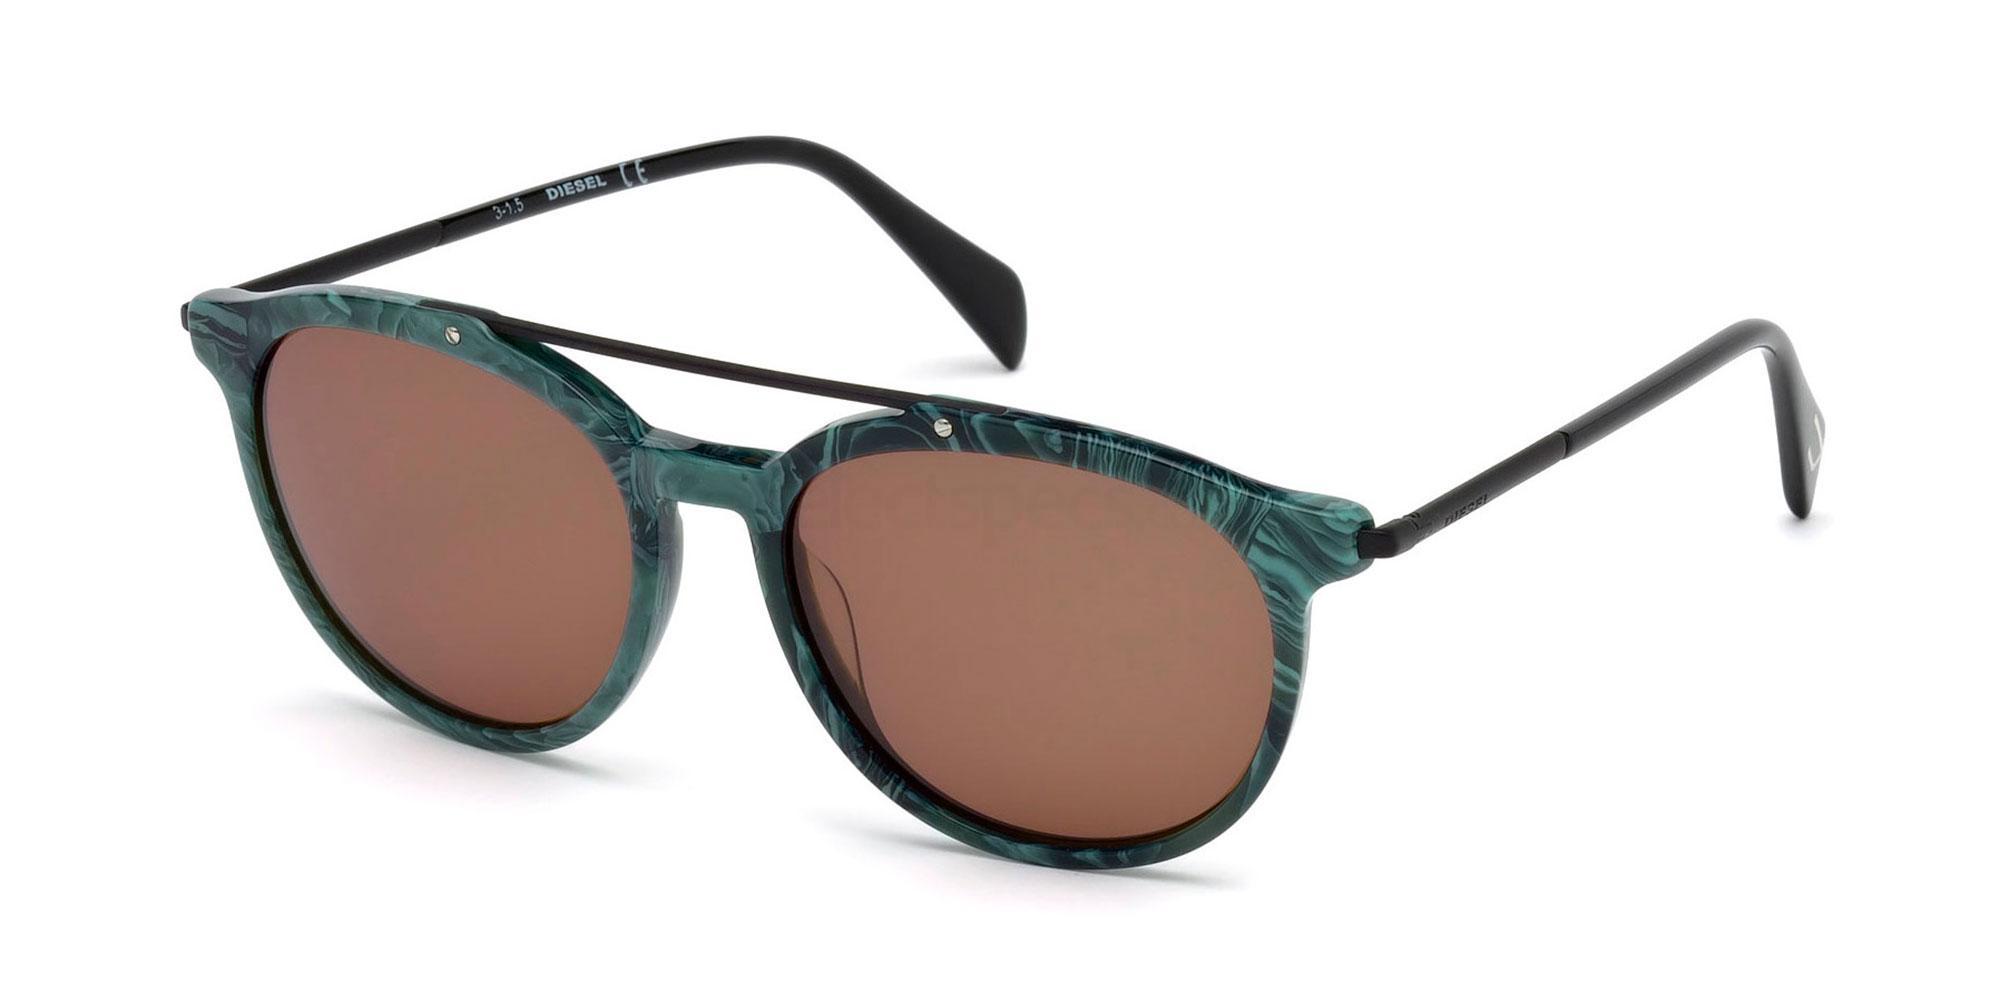 98J DL0188 Sunglasses, Diesel